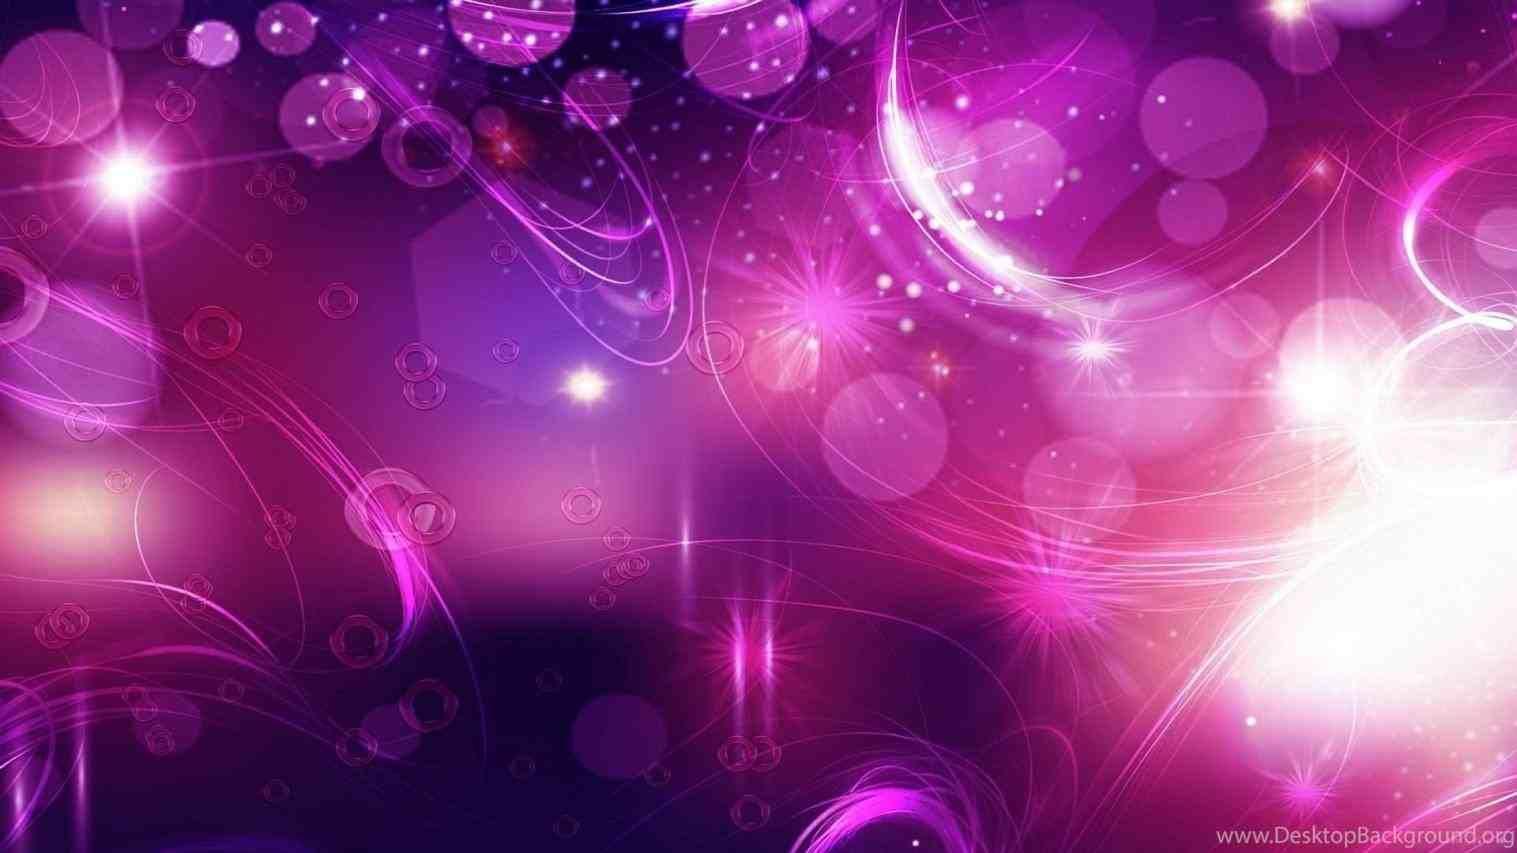 Wedding Designs Background Purple Wallpaper Wedding Background